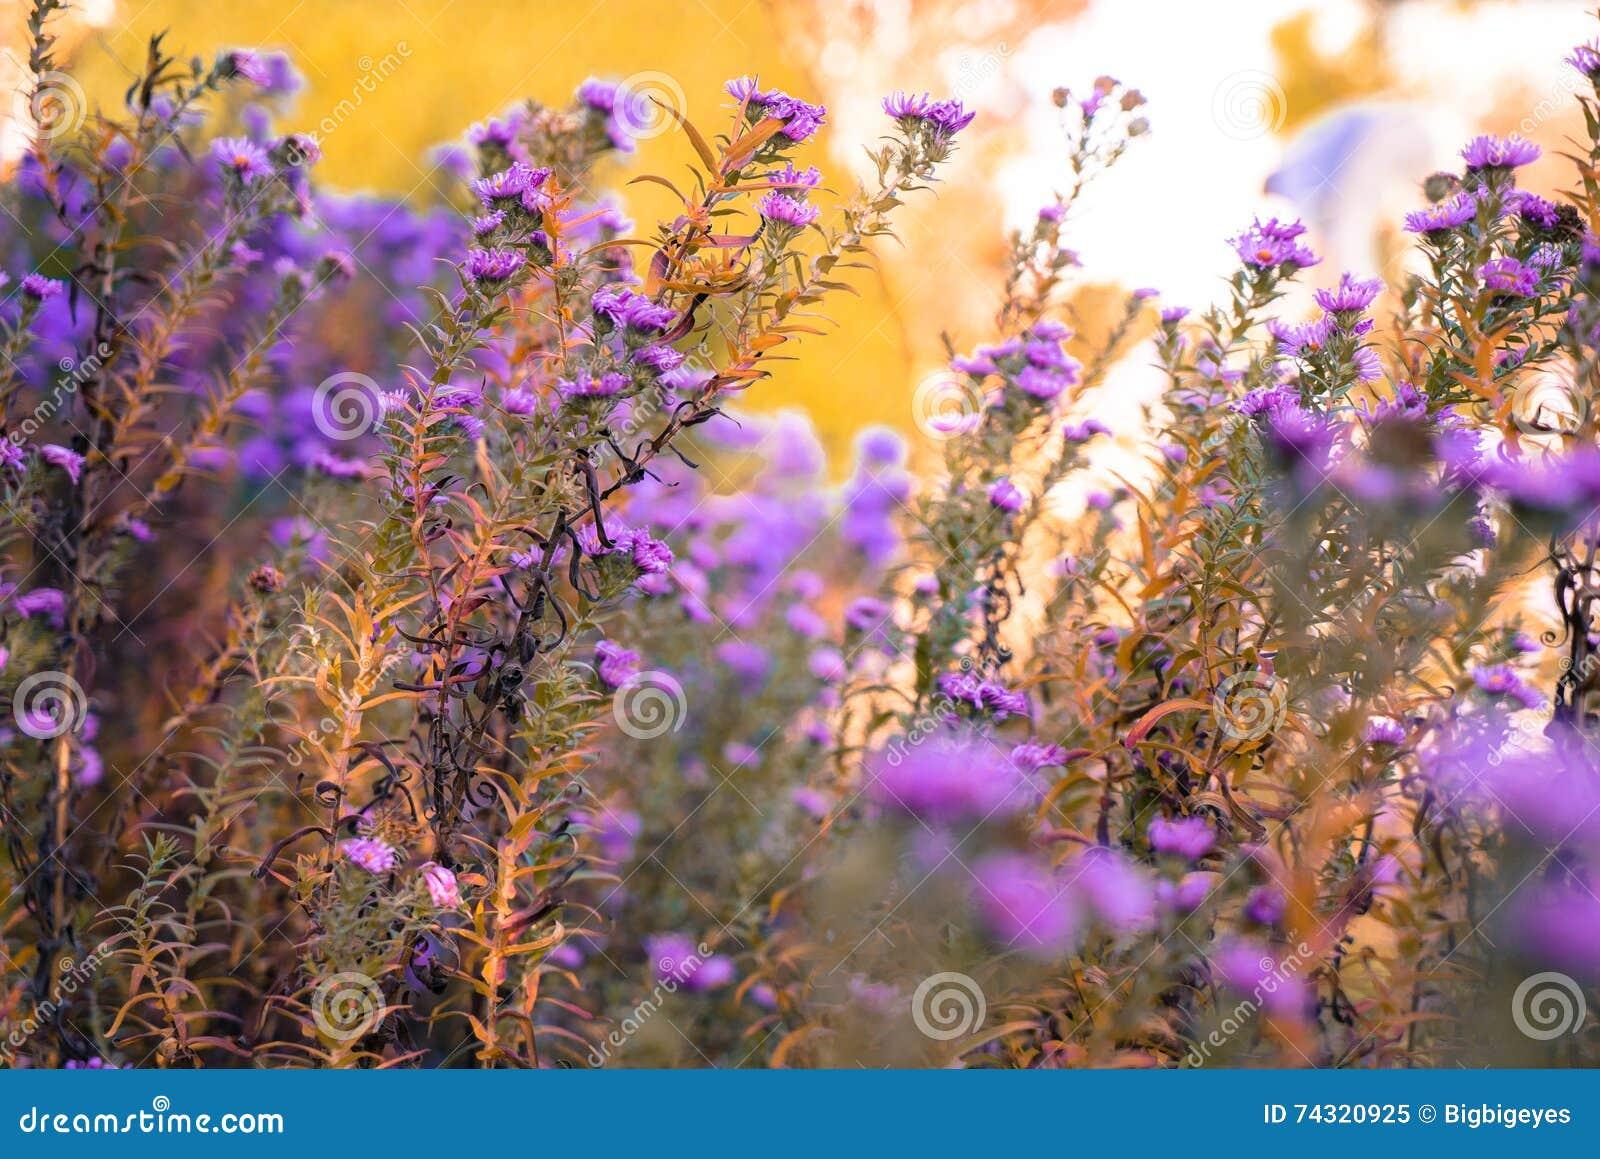 Flowers in autumn meadow